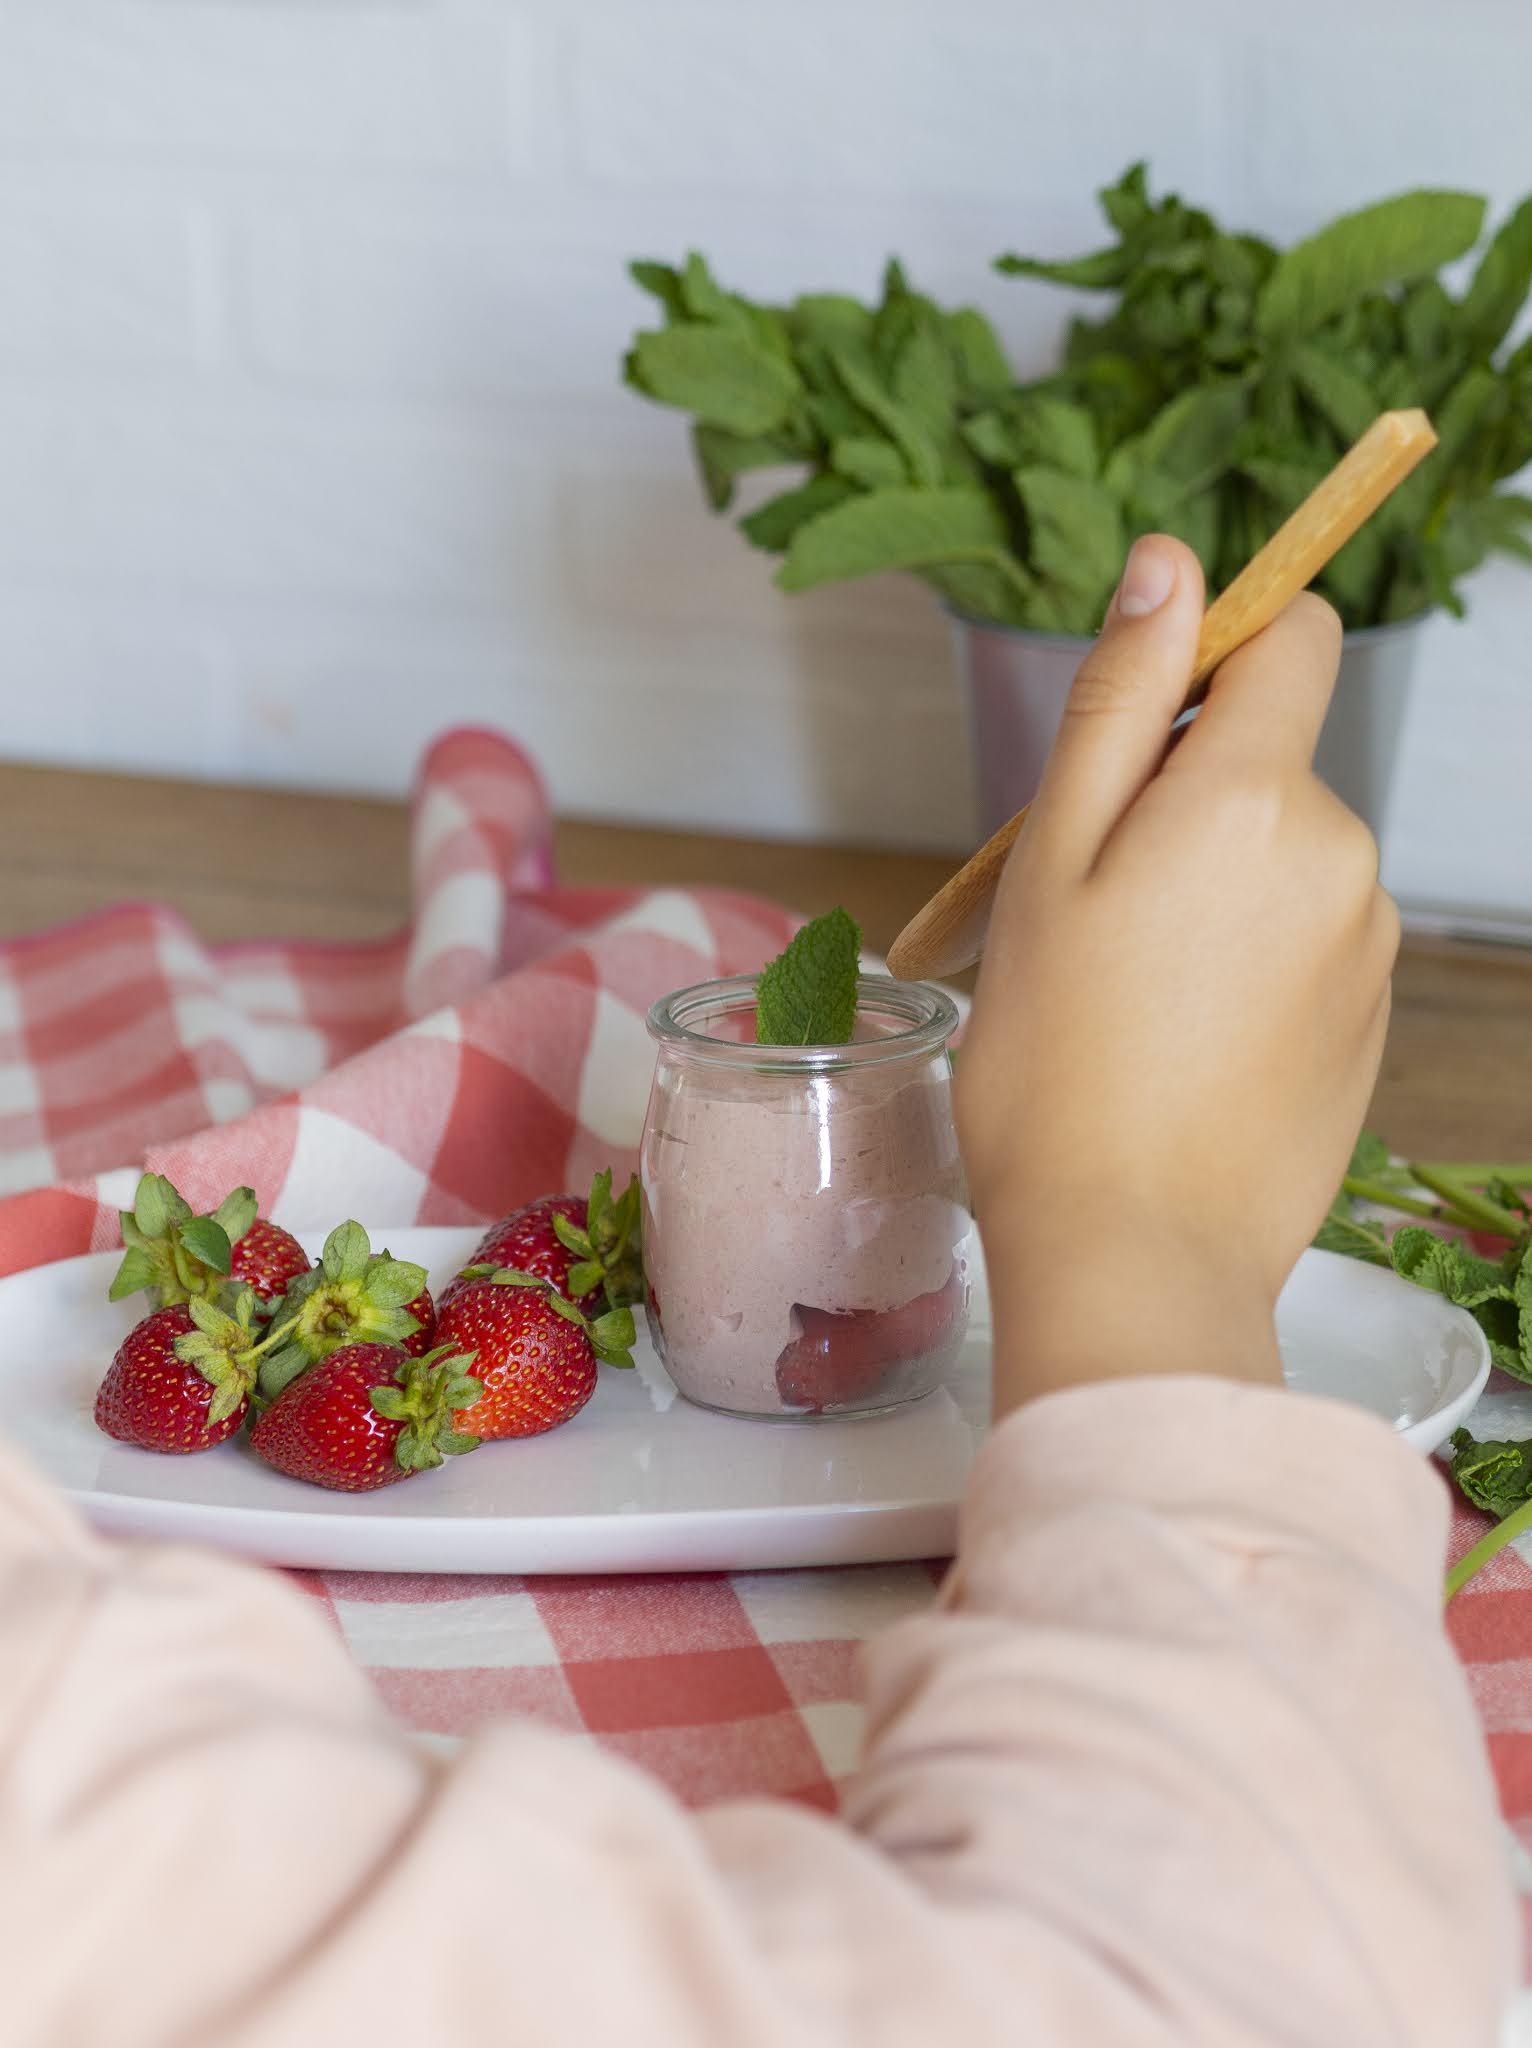 Petit Suisse saludable ¡sin azúcar y riquísimo!18